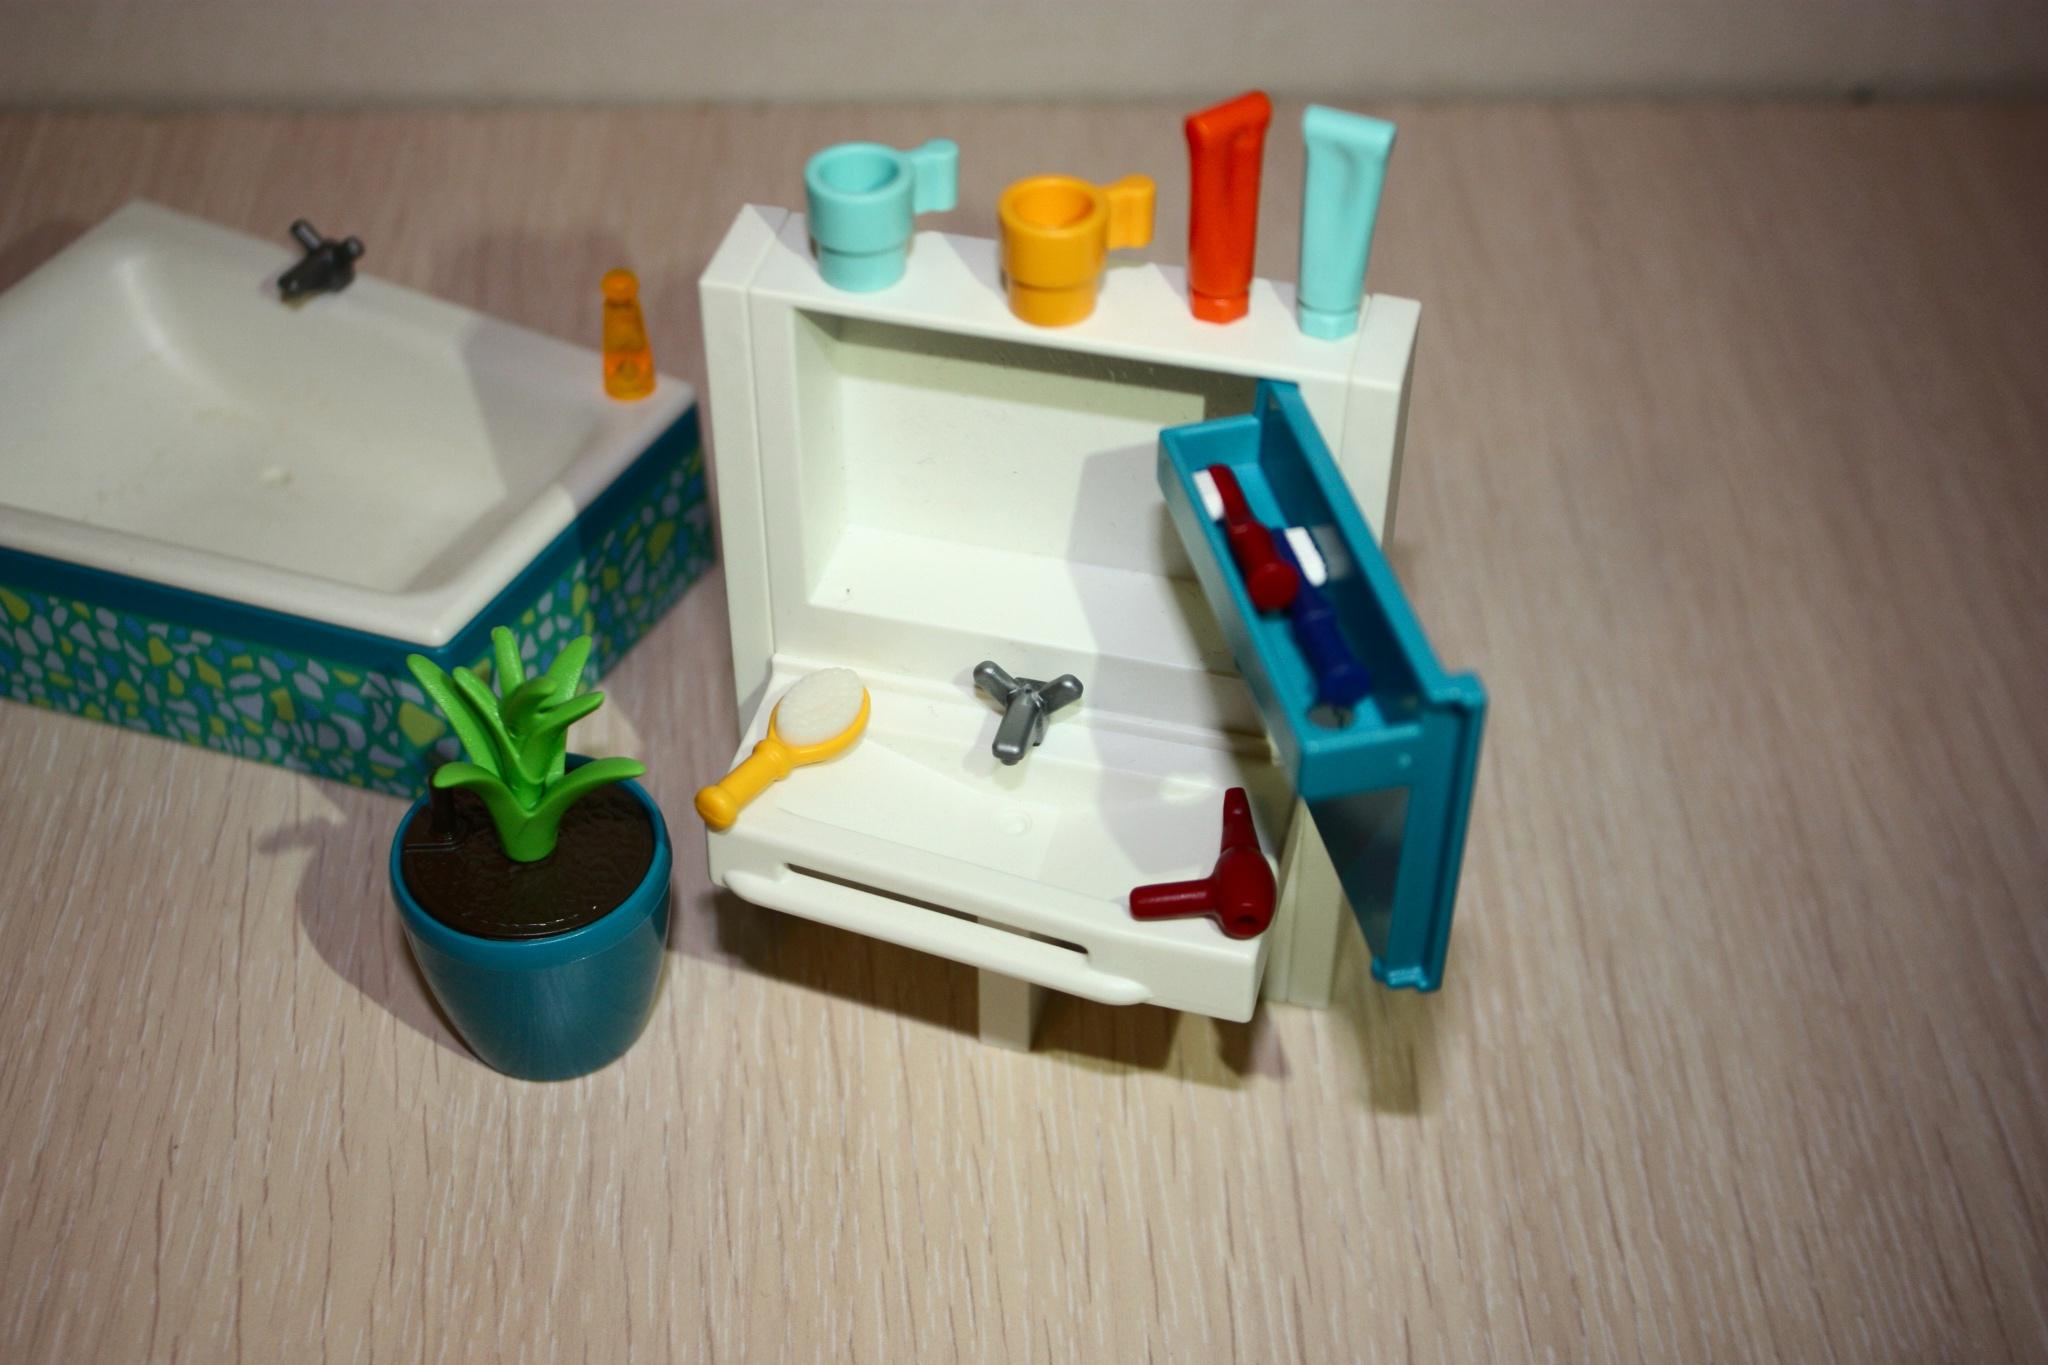 Rangez vos accessoires dans l'armoire de la salle de bain